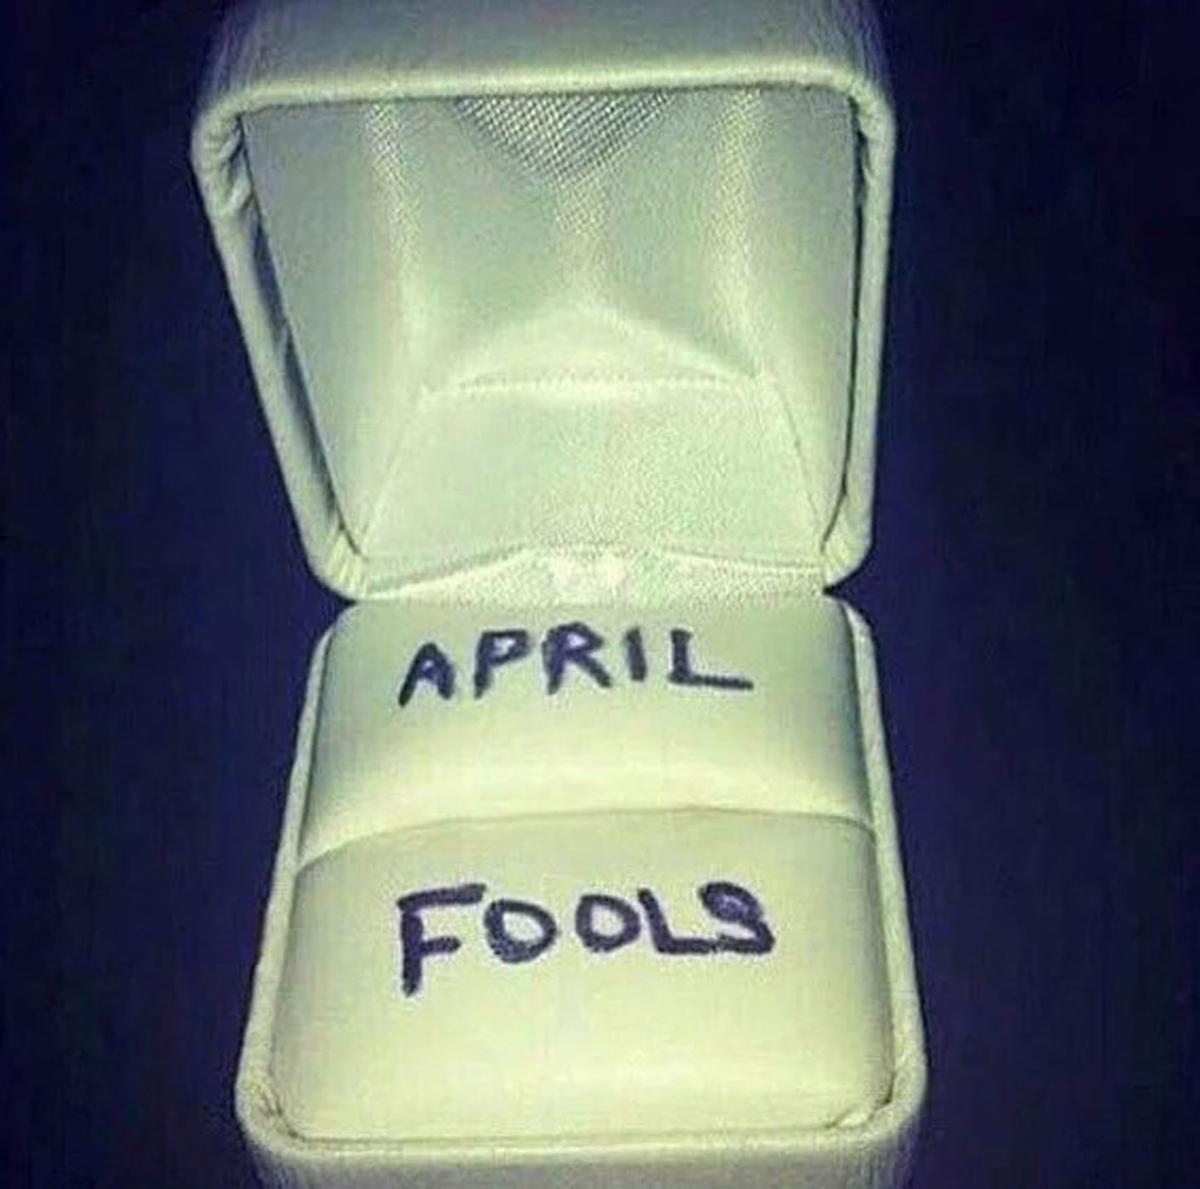 Fools ring case.jpg